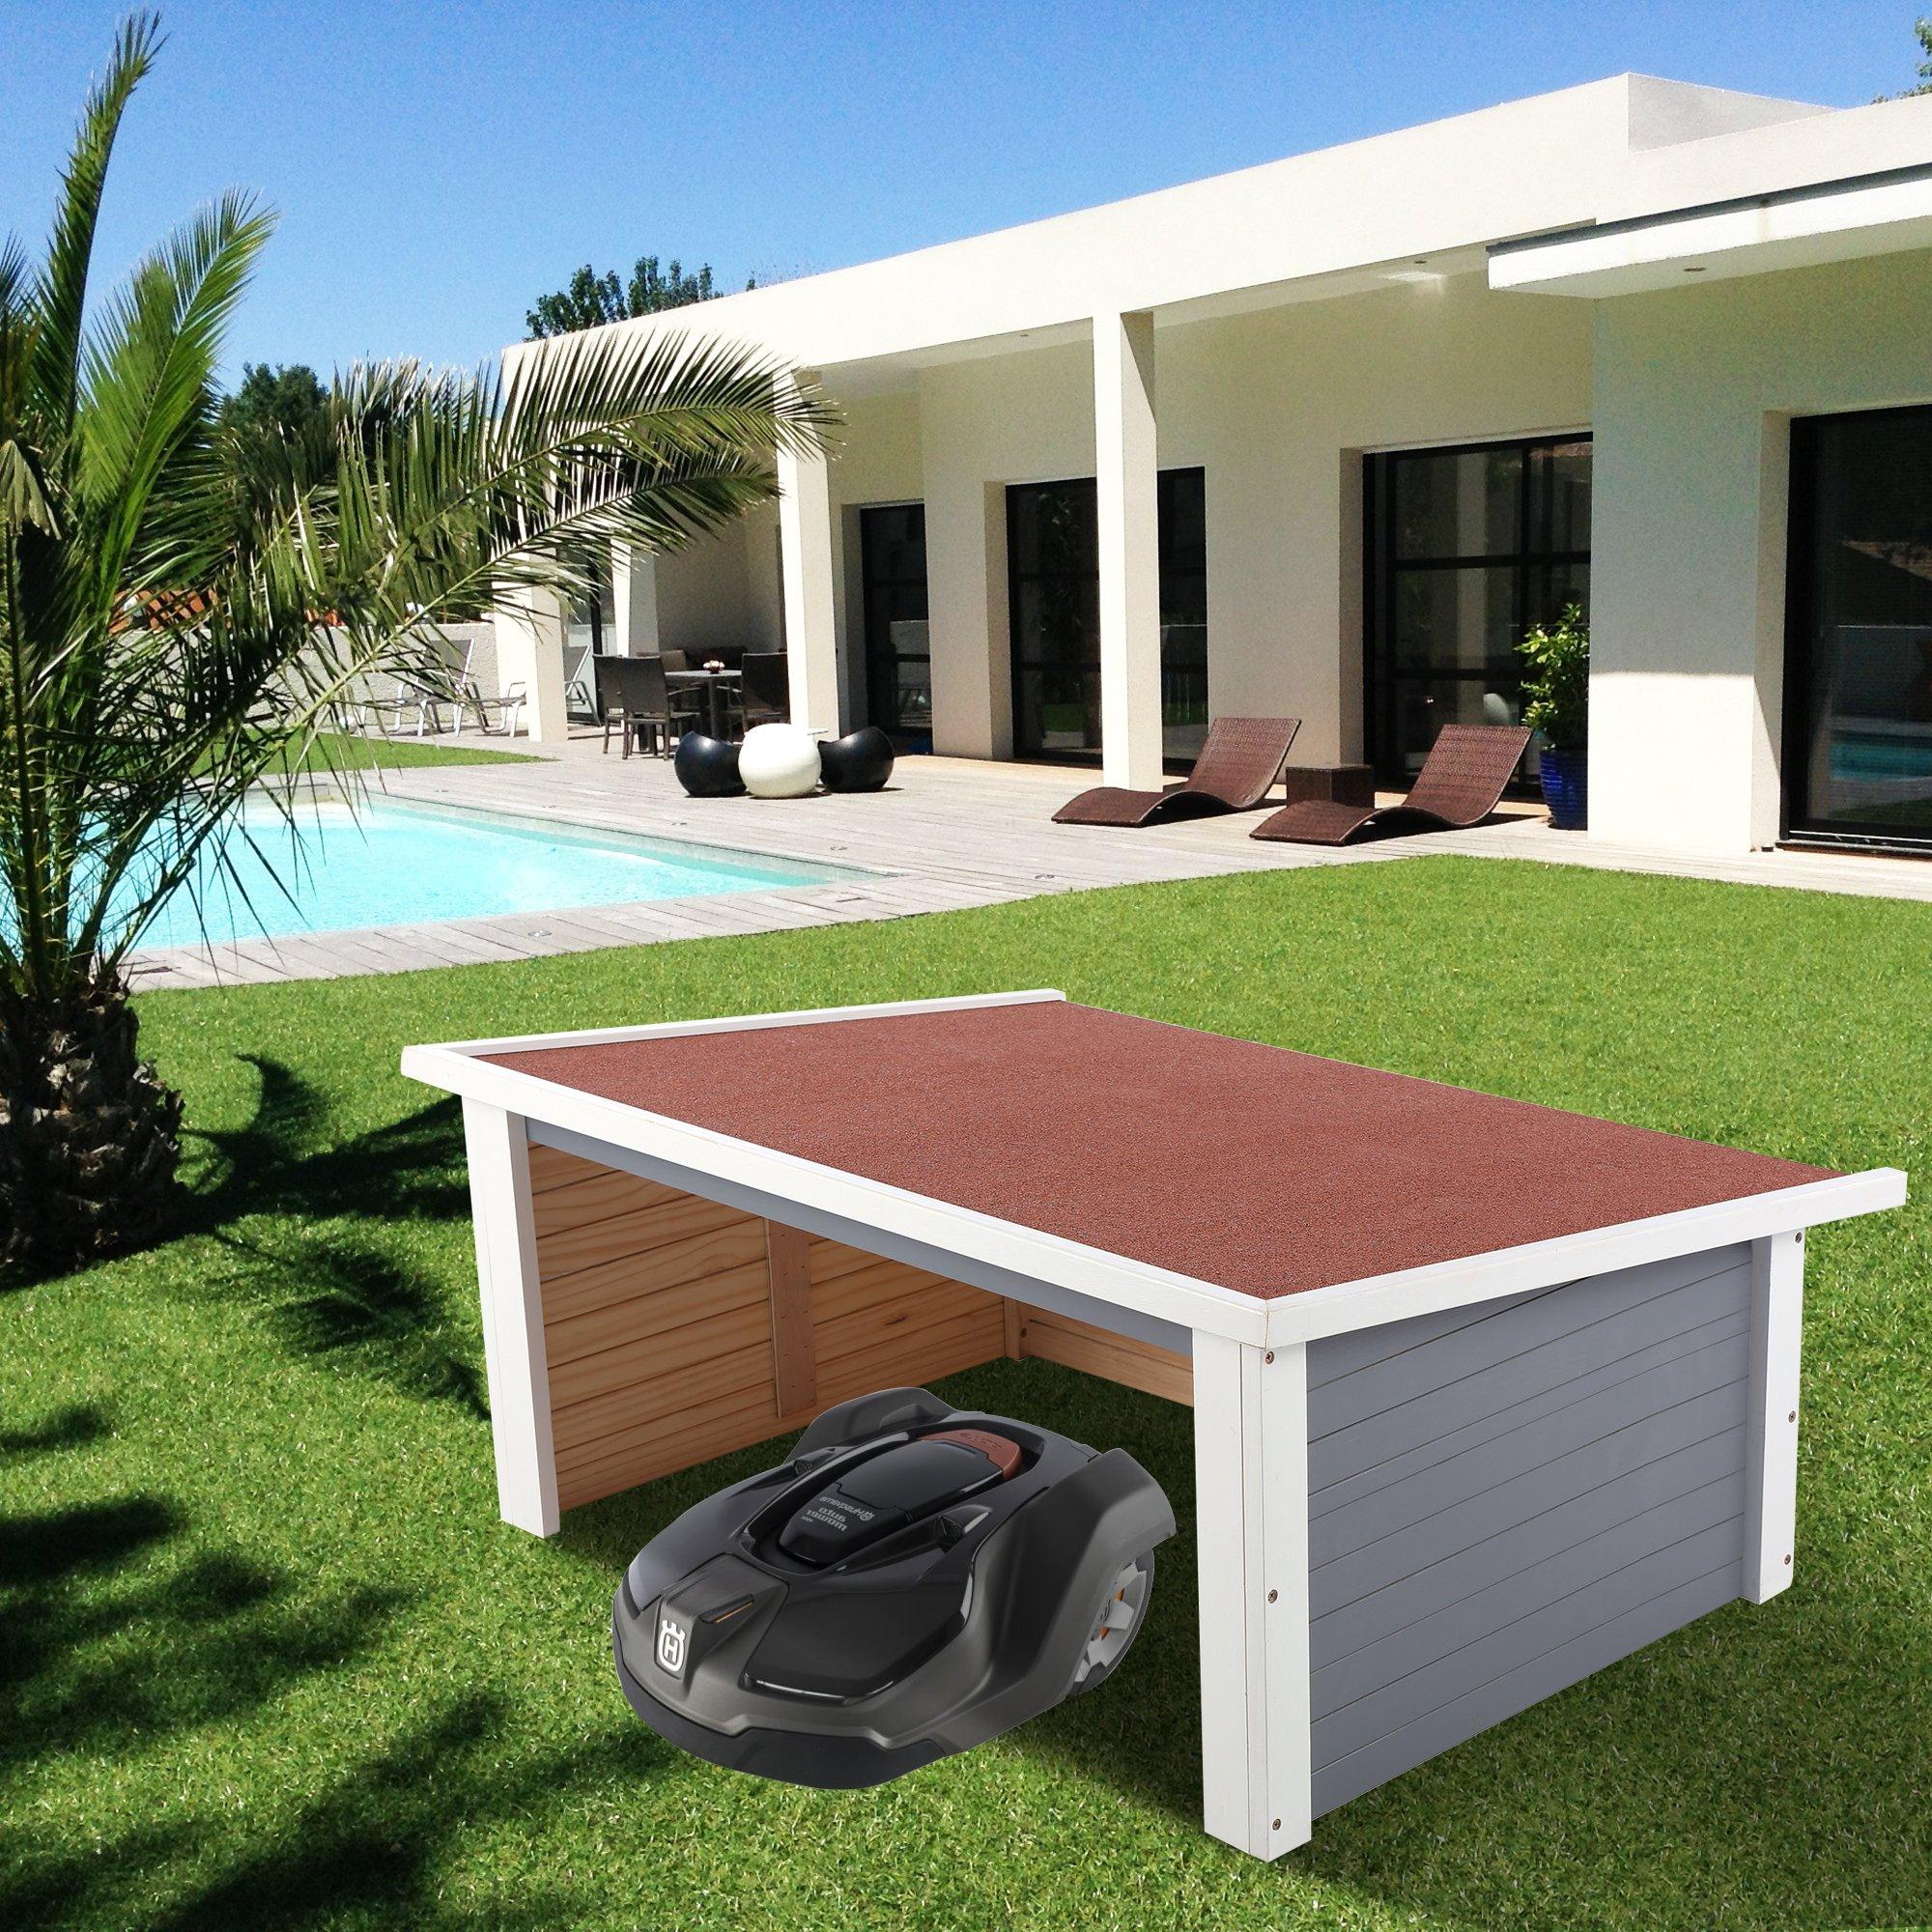 zelsius holzgarage f r rasenm her roboter m hroboter carport grau cs clever. Black Bedroom Furniture Sets. Home Design Ideas